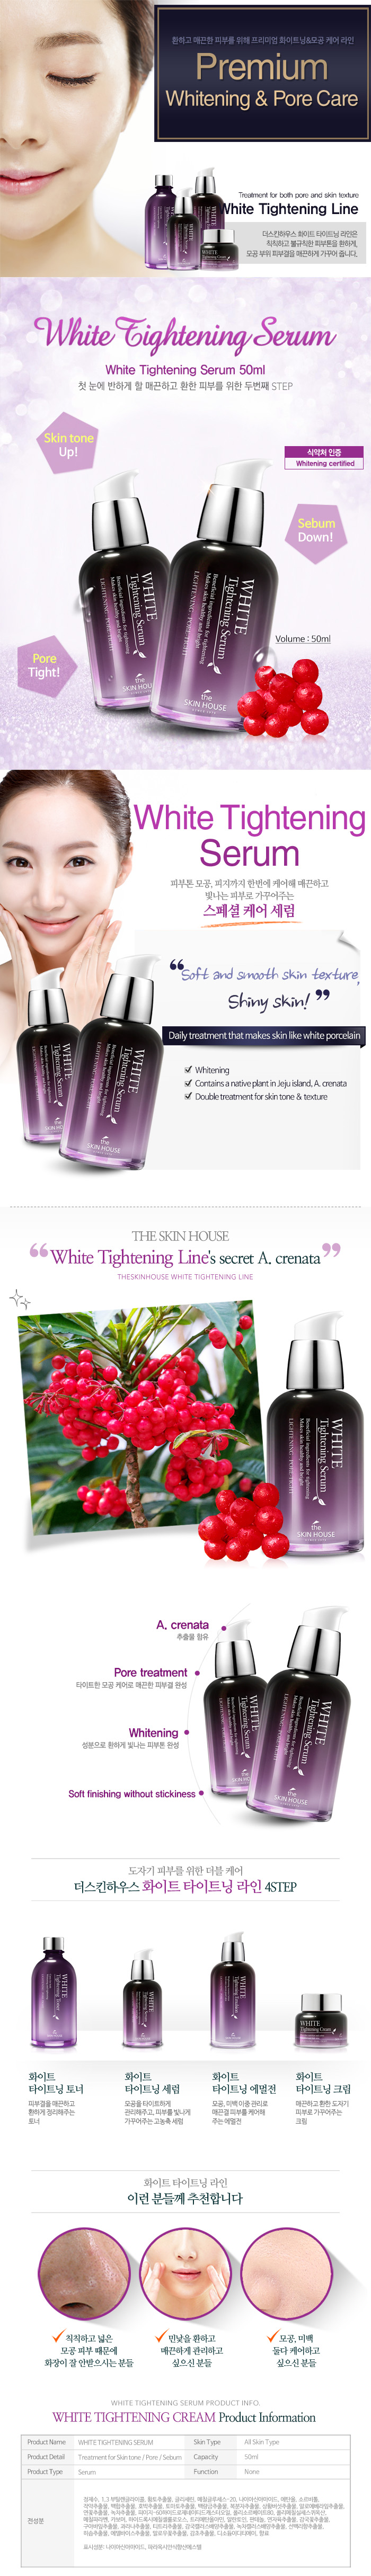 White Tightening Serum